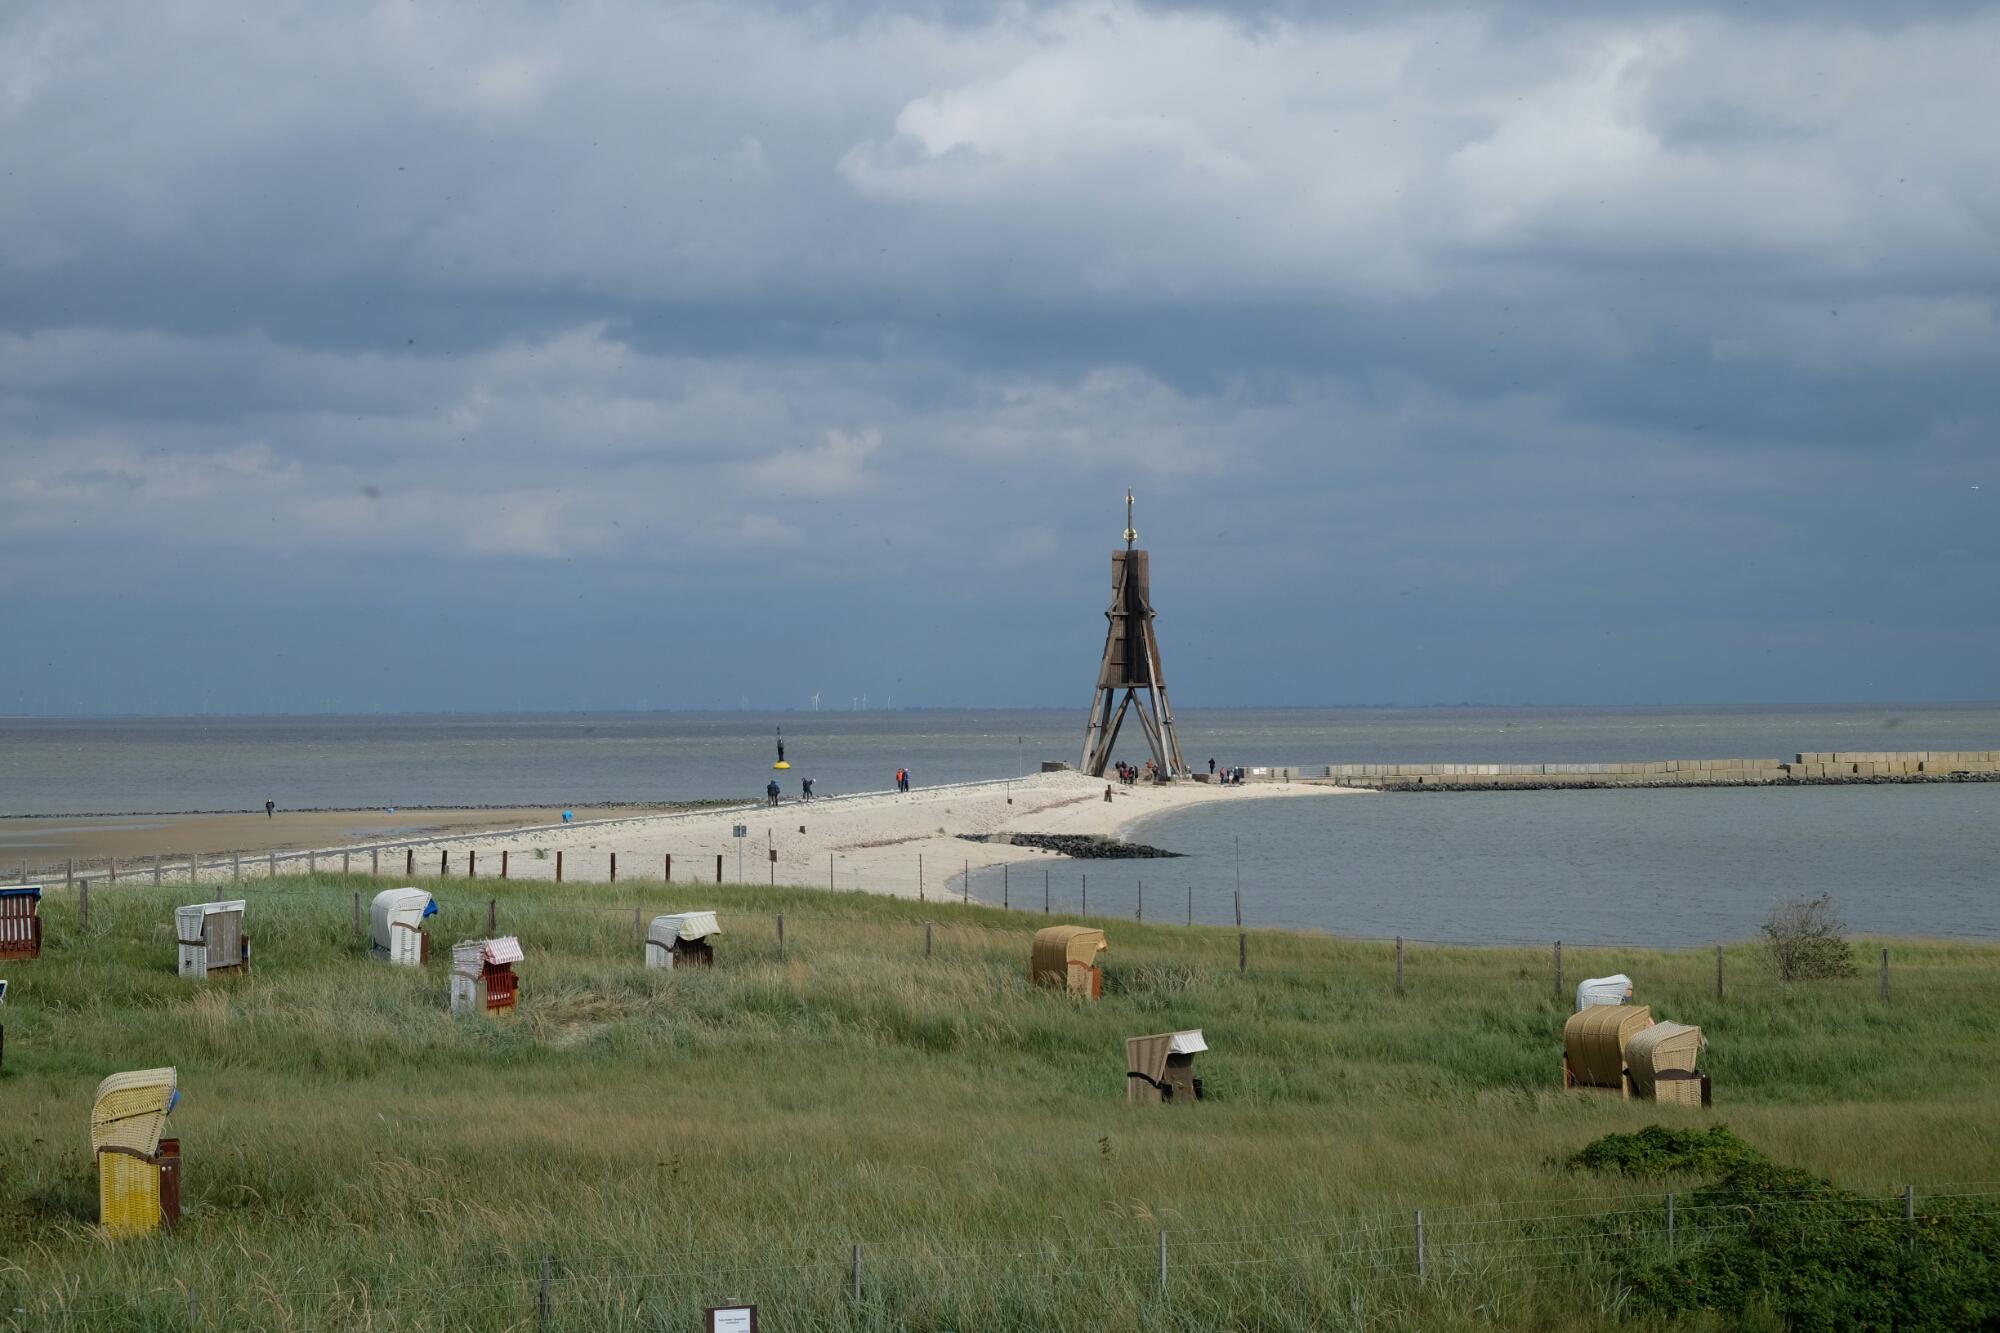 Kugelbake von Cuxhaven